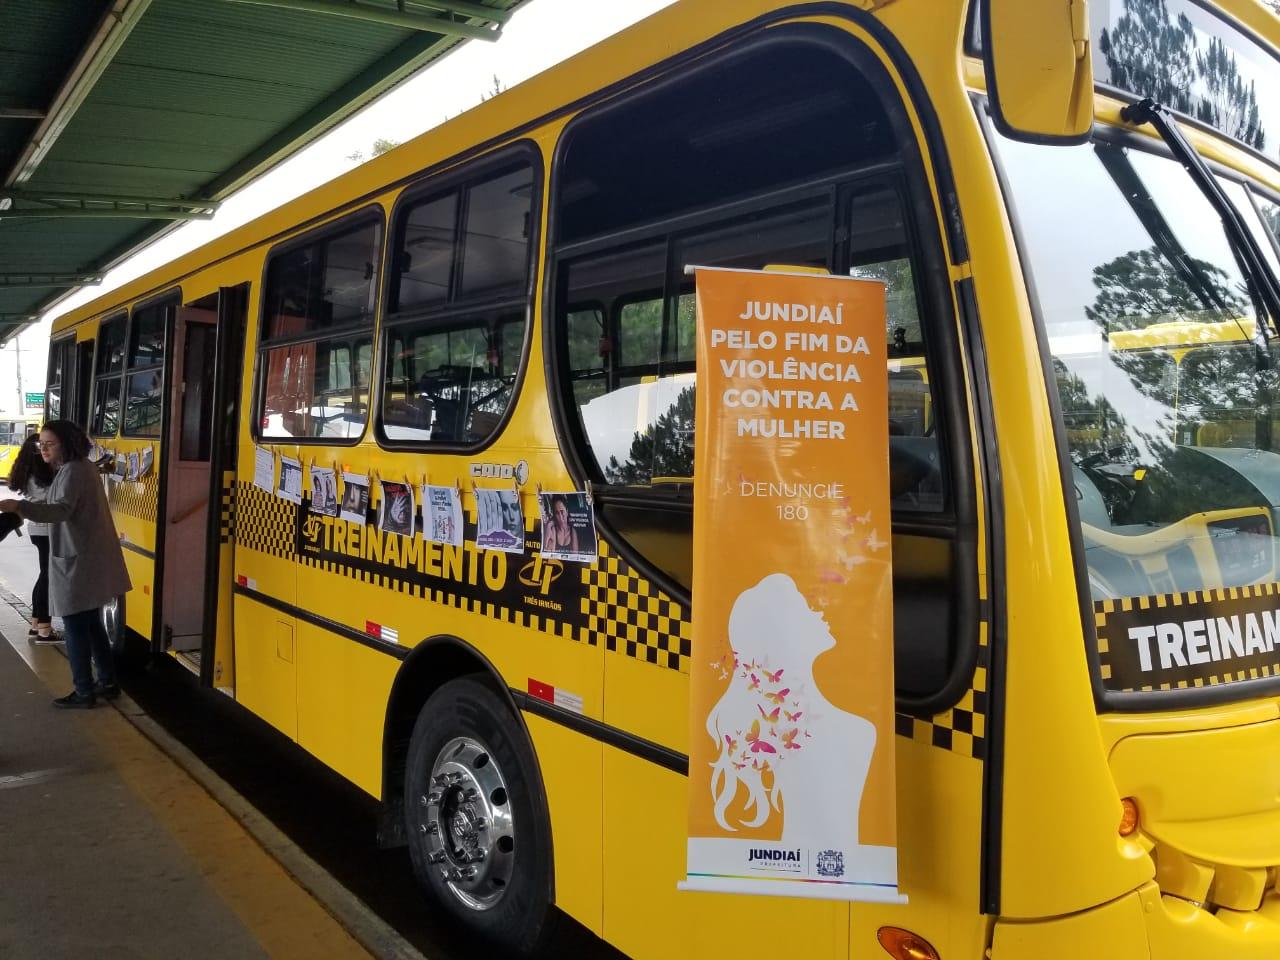 Ônibus de treinamento estará nos terminais para a exibição de vídeo sobre violência contra a mulher